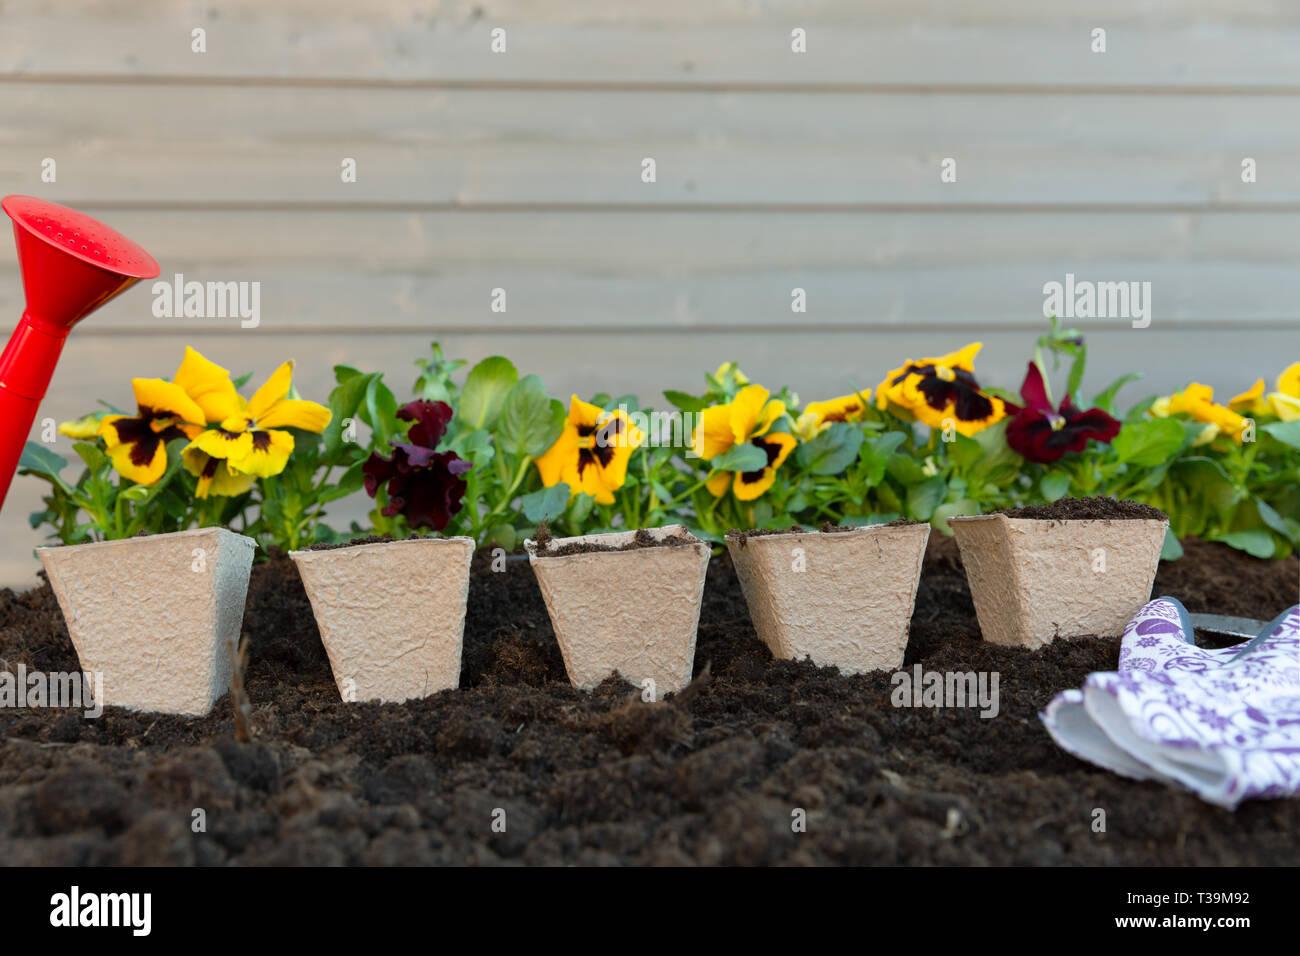 Giardinaggio E Fiori.Utensili Da Giardinaggio E La Molla Pansy Fiori Sulla Terrazza In